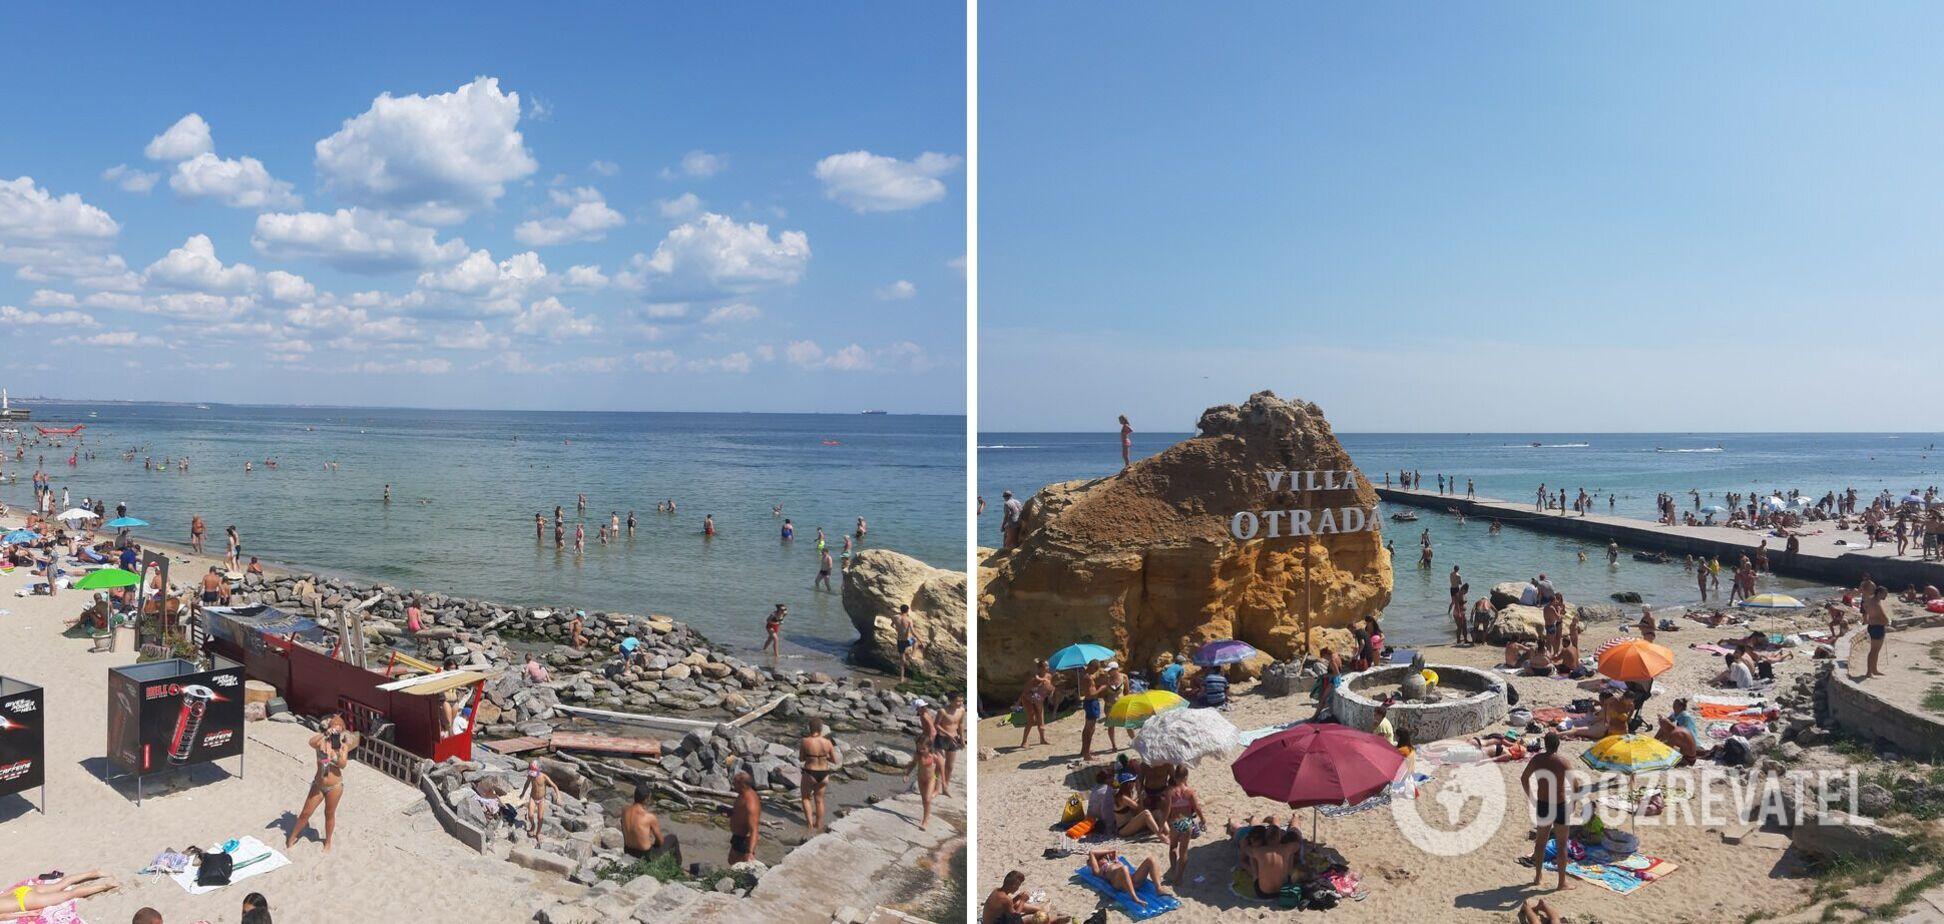 Відпочинок в Одесі 2021: яка вода в морі, чи є водорості, скільки туристів на пляжах. Фото